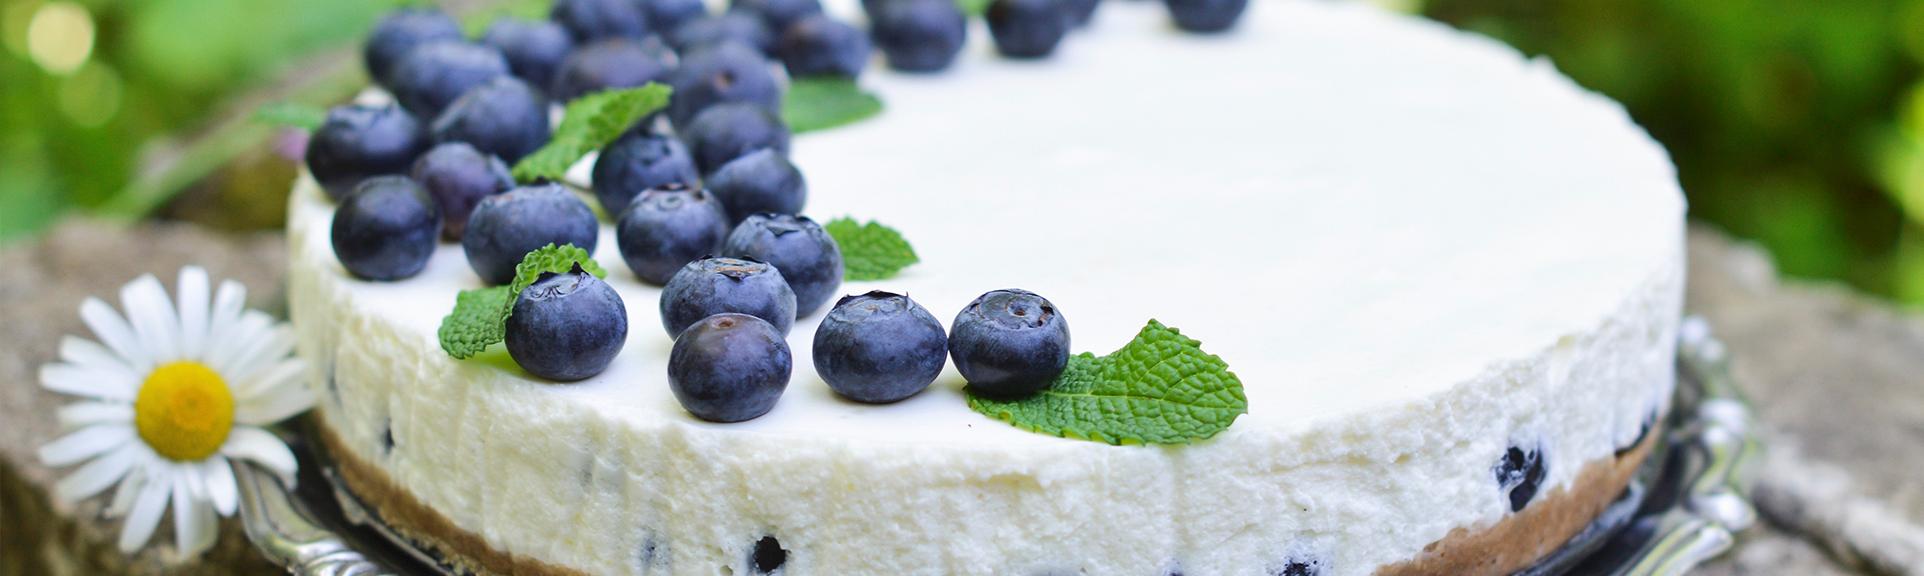 Rezeptbild Joghurtkuchen mit Blaubeeren